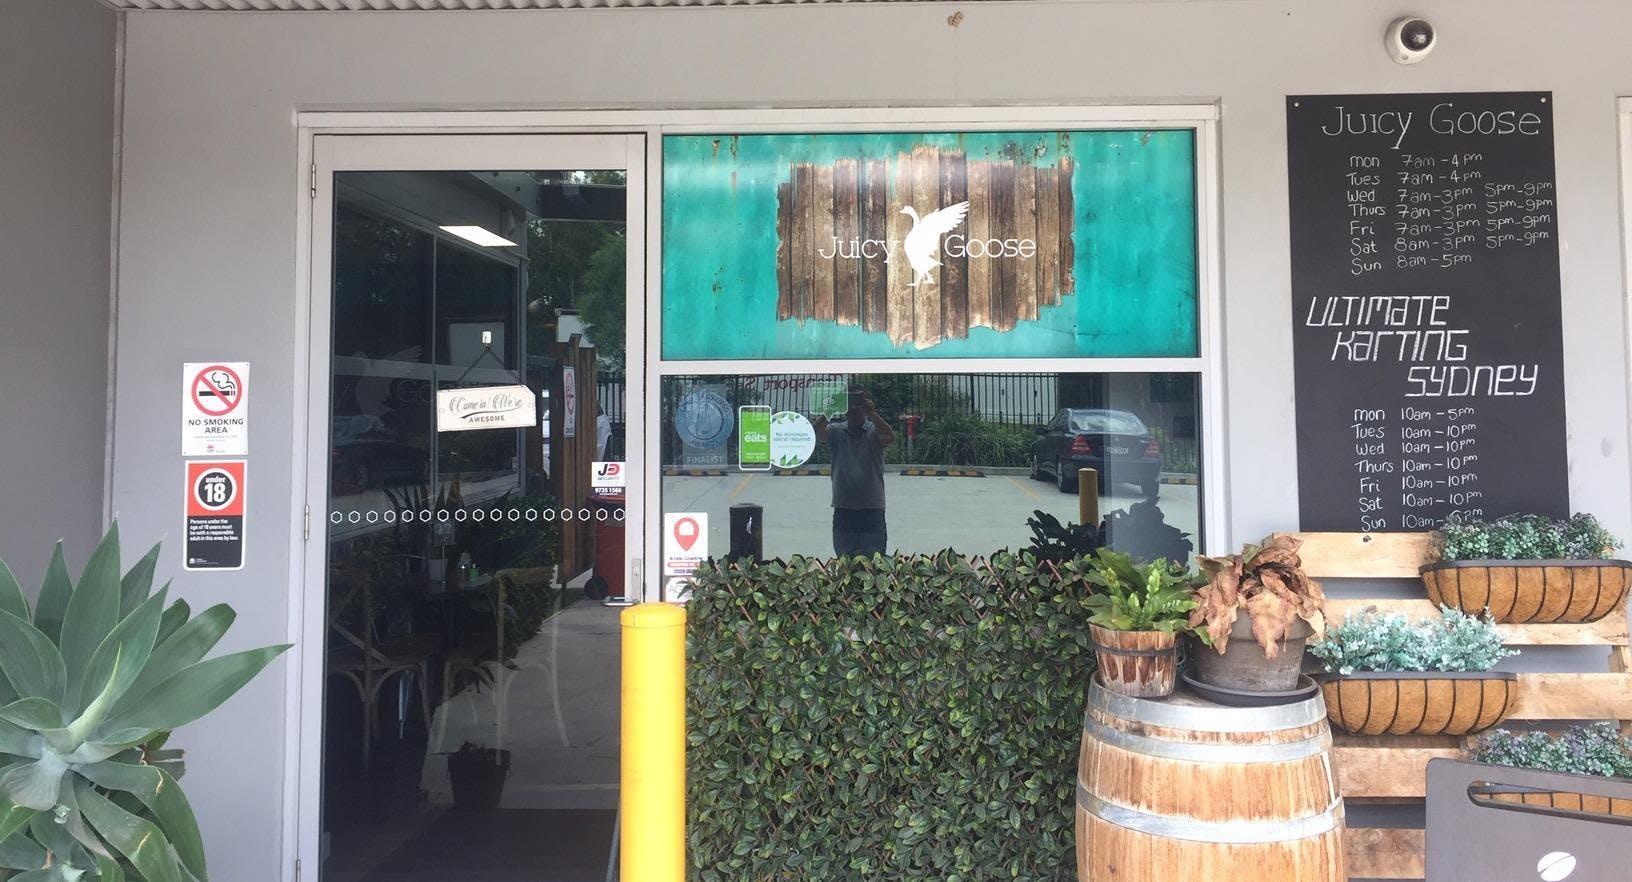 Juicy Goose Sydney image 2